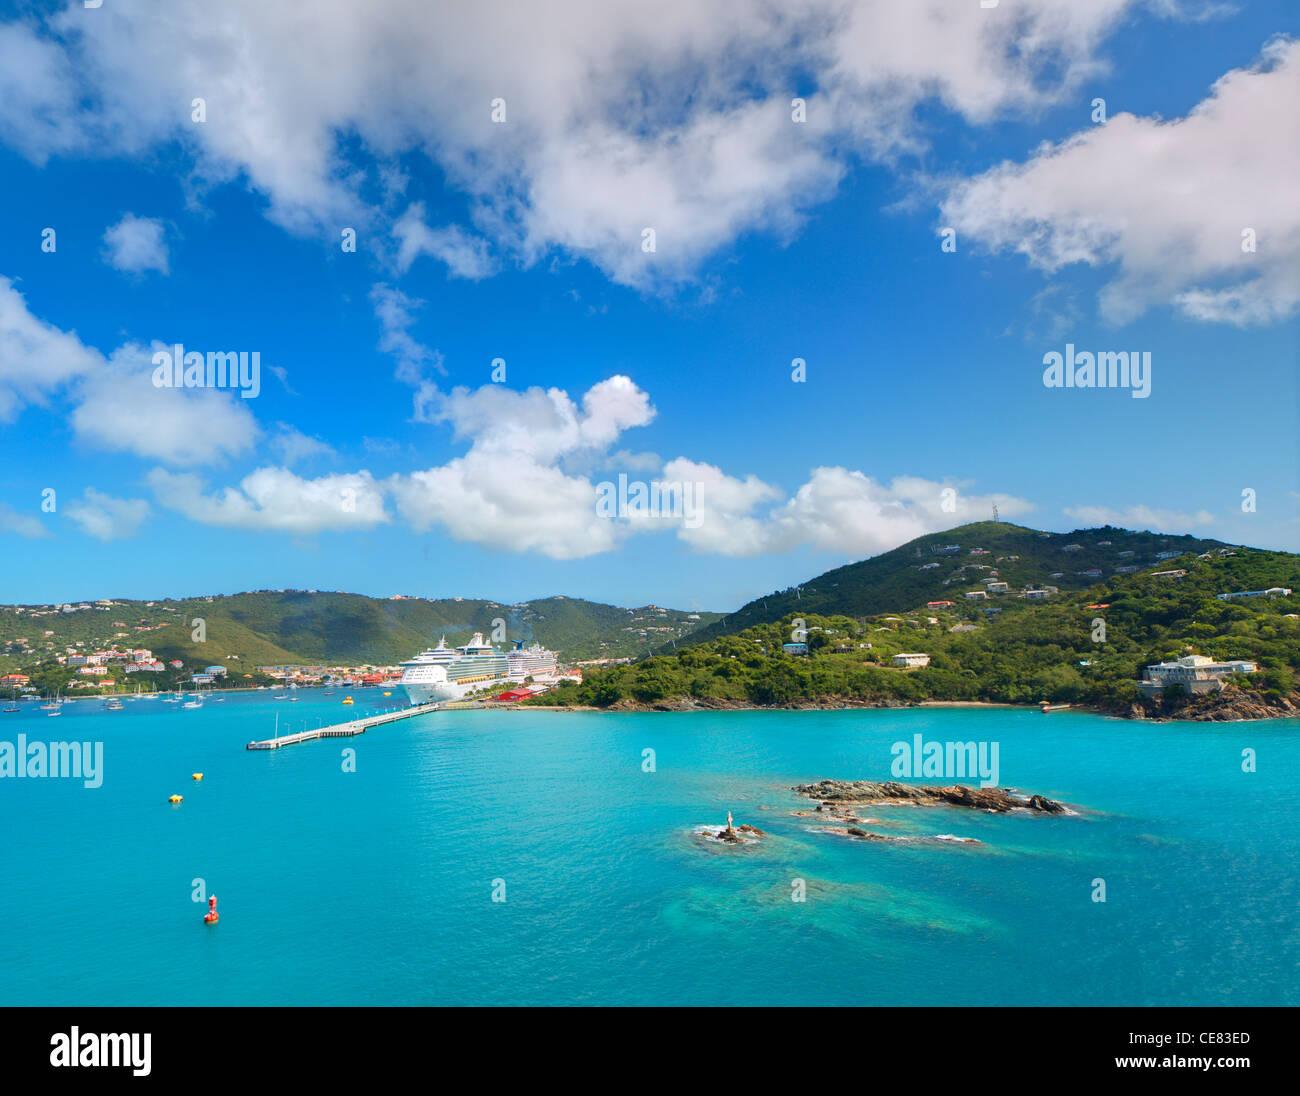 Vista de Charlotte Amalie, San Thomas, Islas Vírgenes de EE.UU. Imagen De Stock